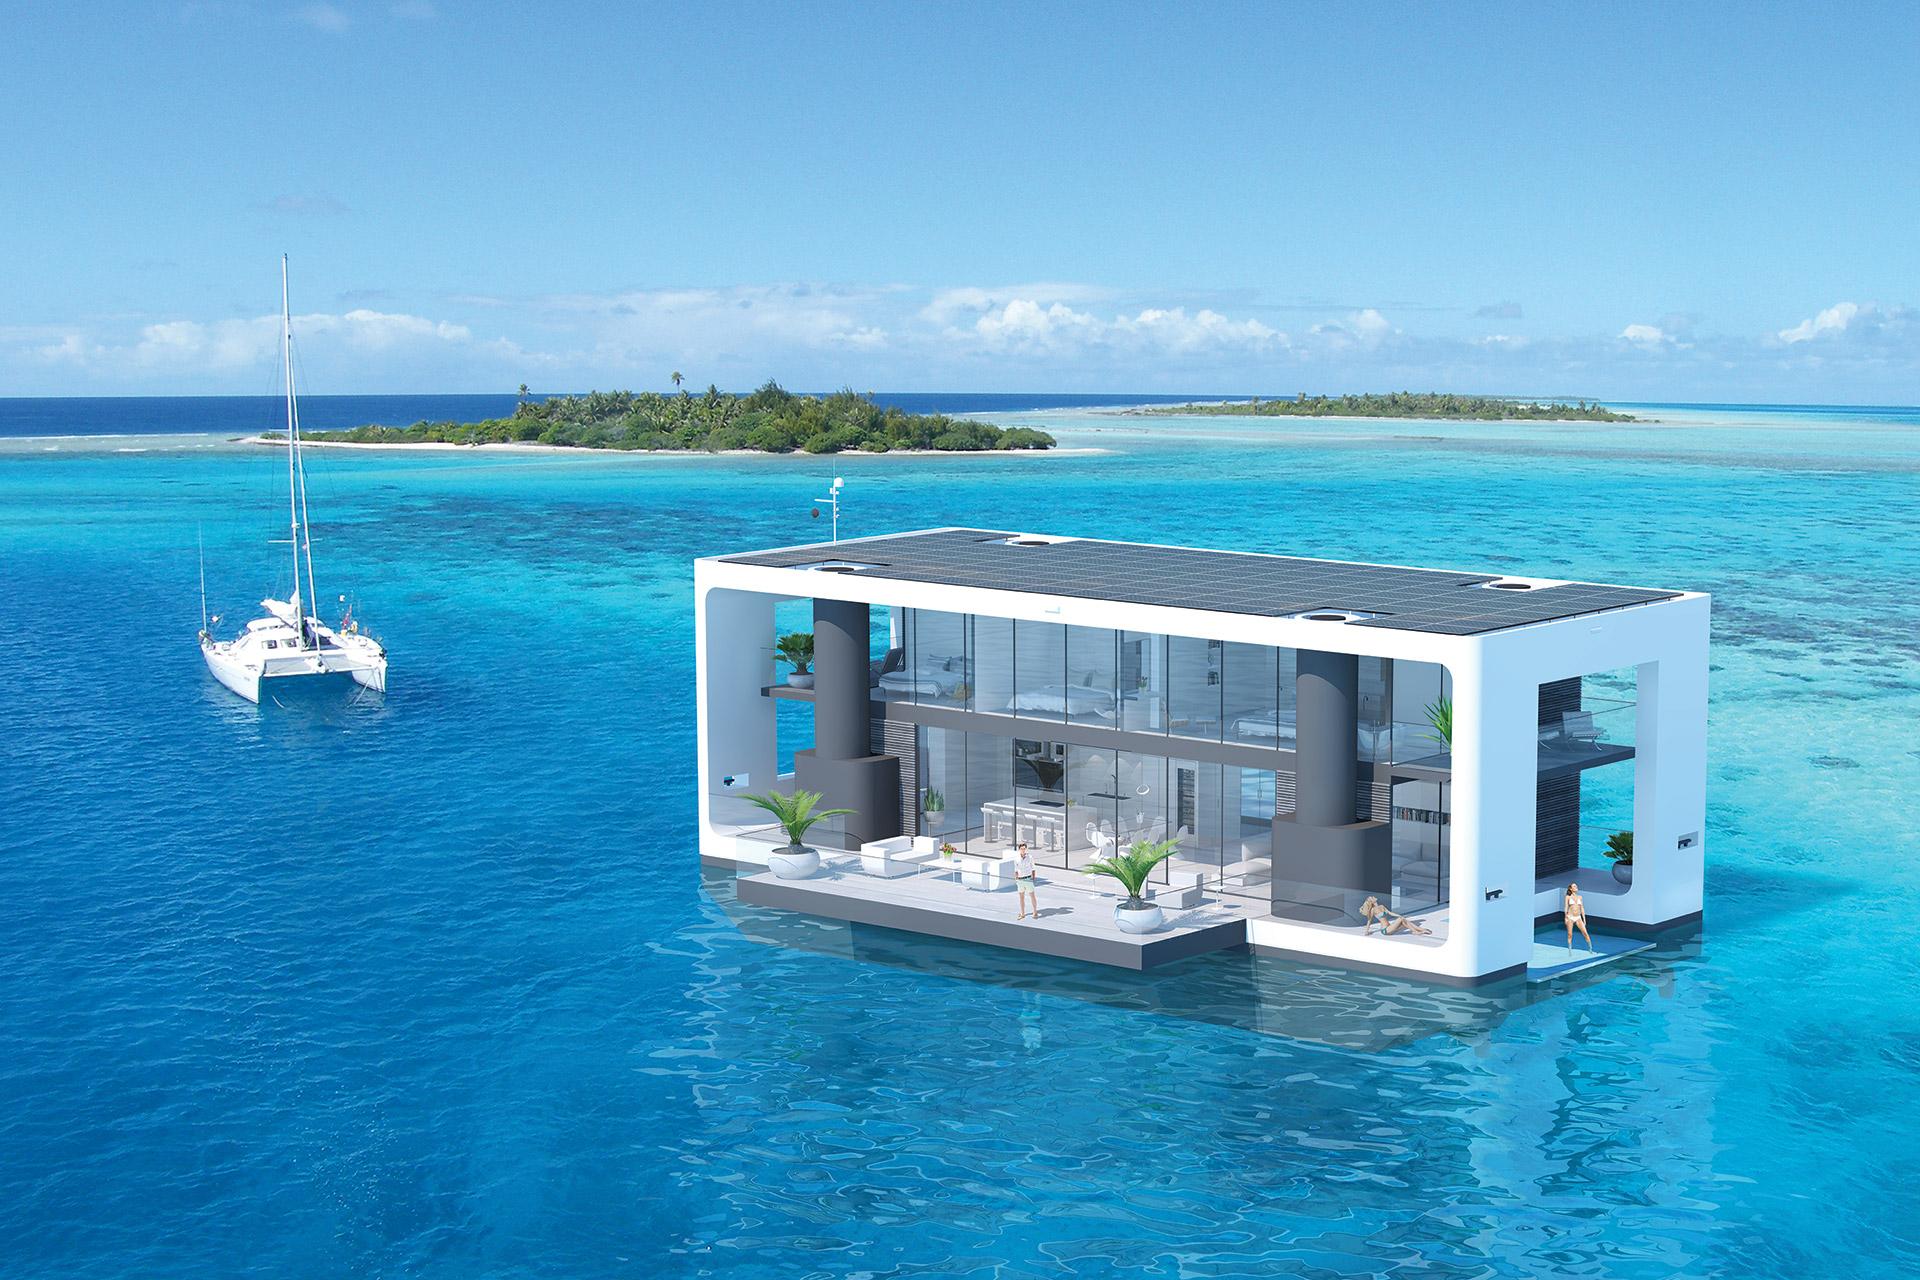 Wonderful Arkup Mobile Overwater Villas | Uncrate